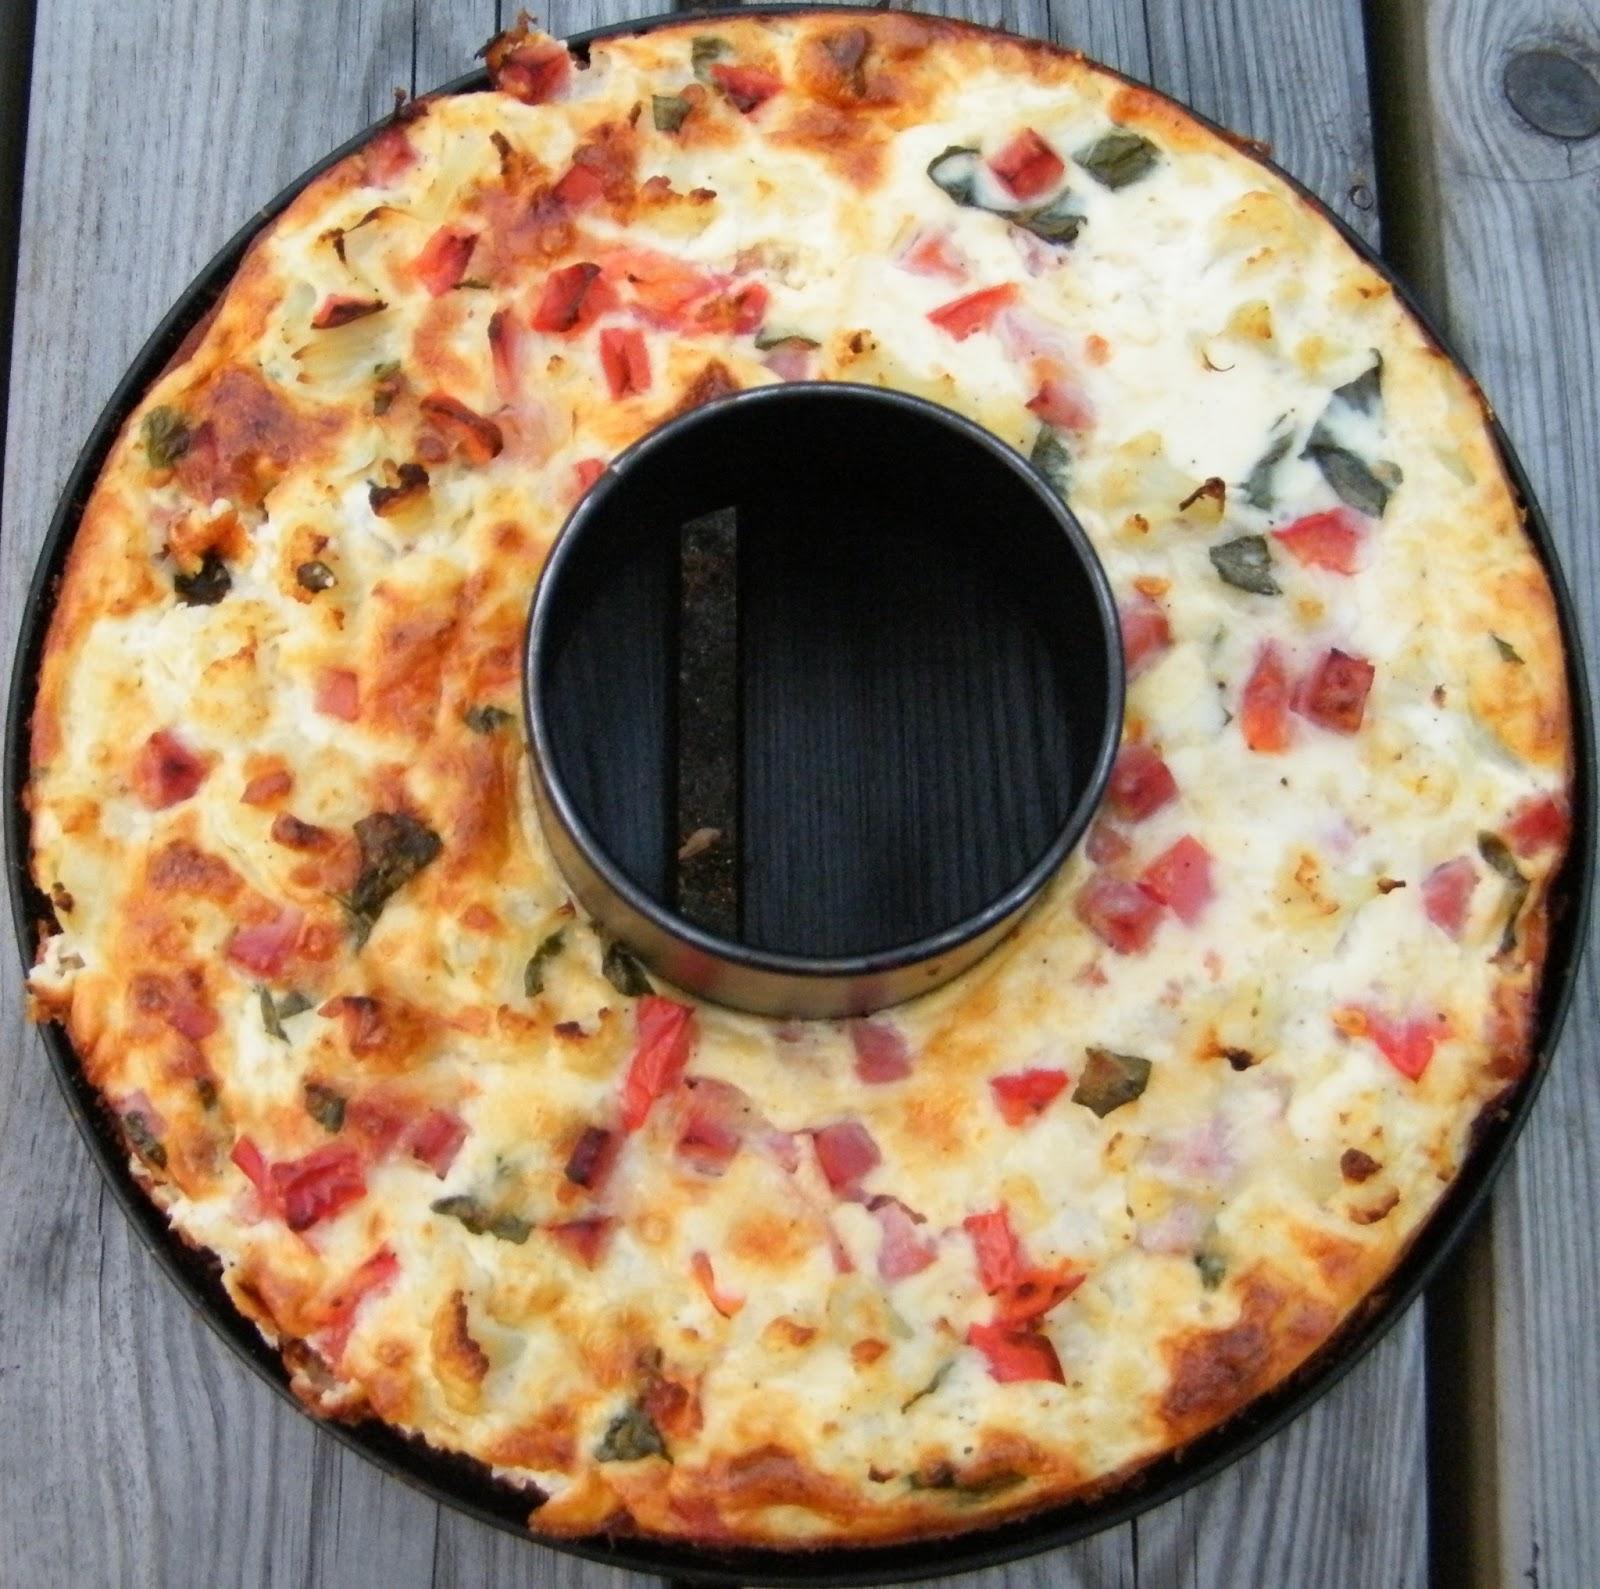 Comer rico y sano: Pastel de coliflor al horno - photo#50